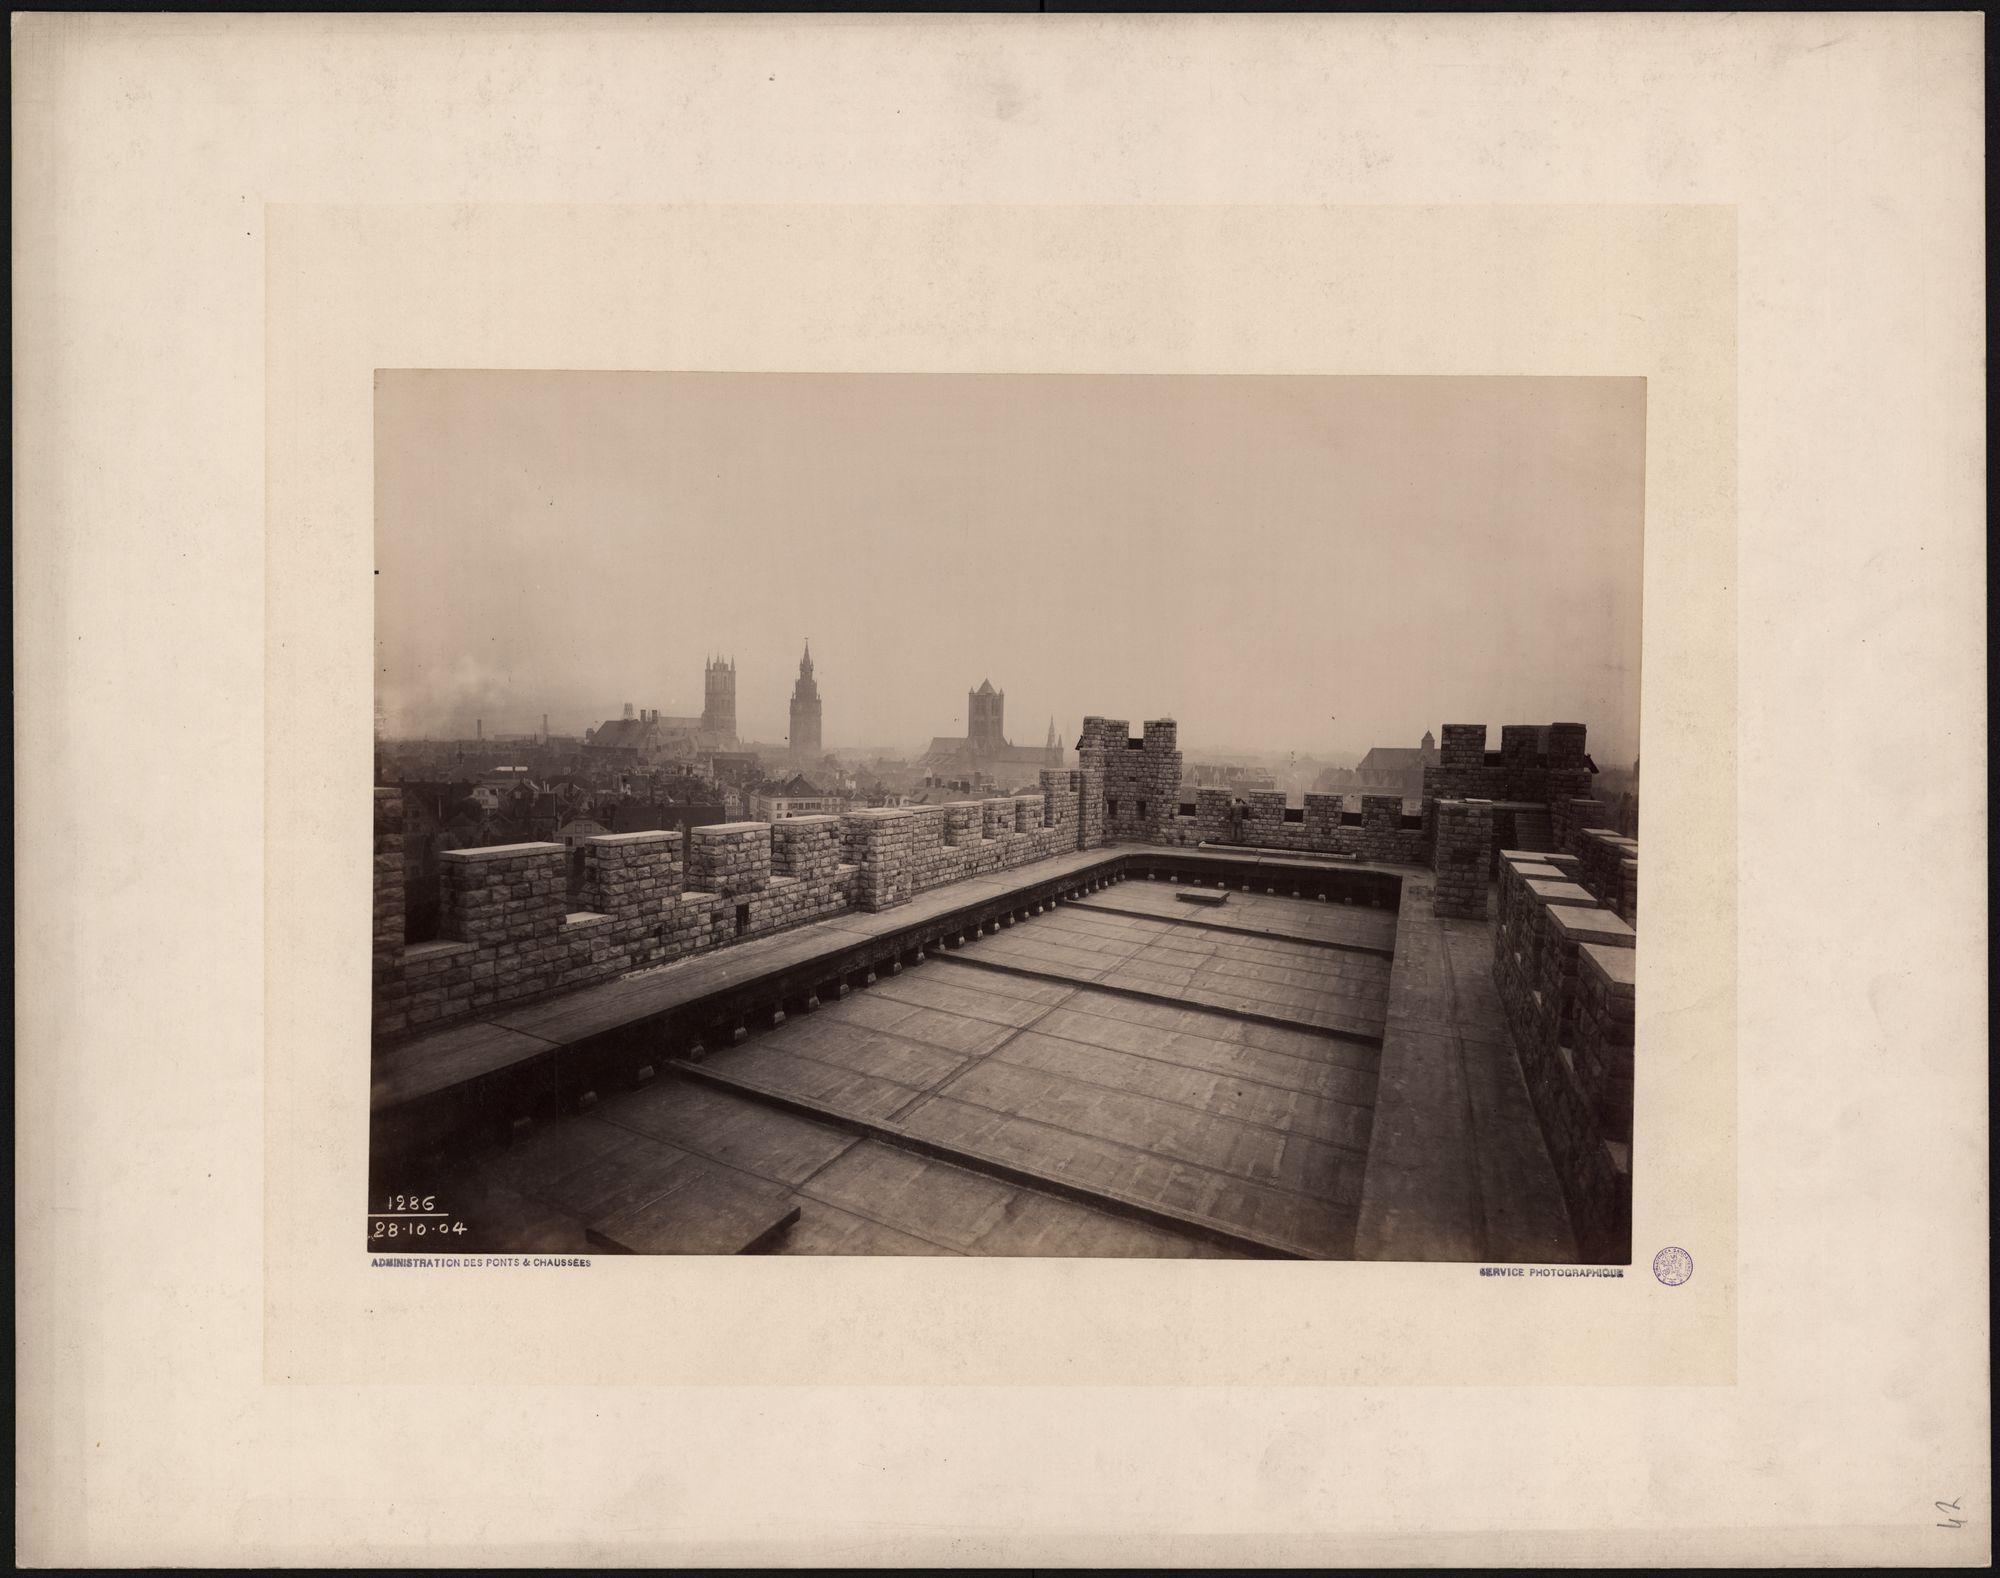 Gent: Gravensteen, panorama 3 torens vanaf plat dak poortgebouw